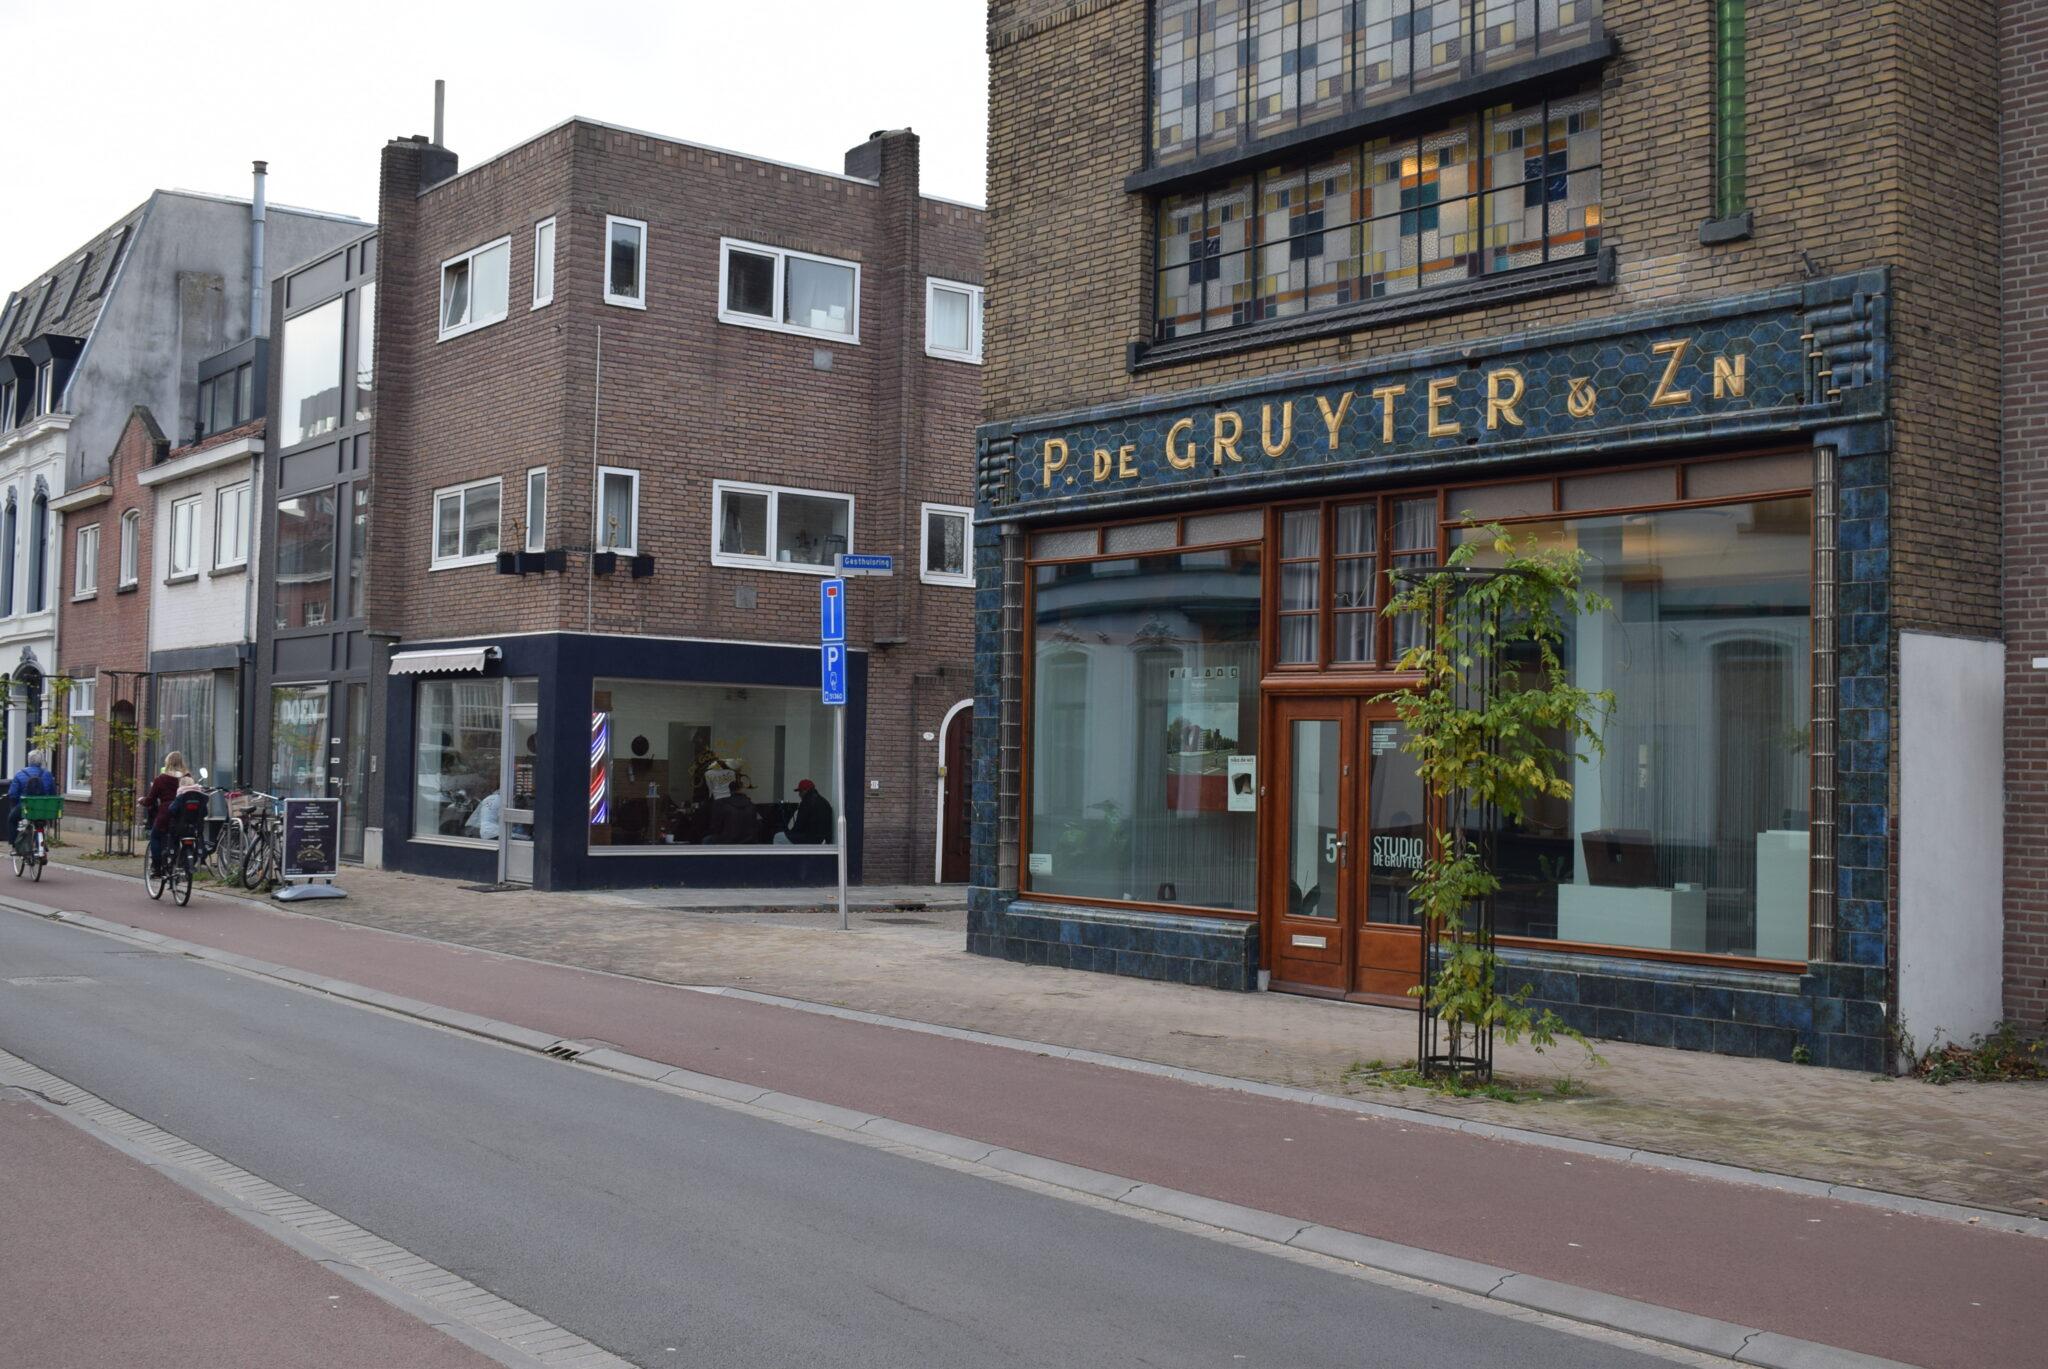 P. de gruyter